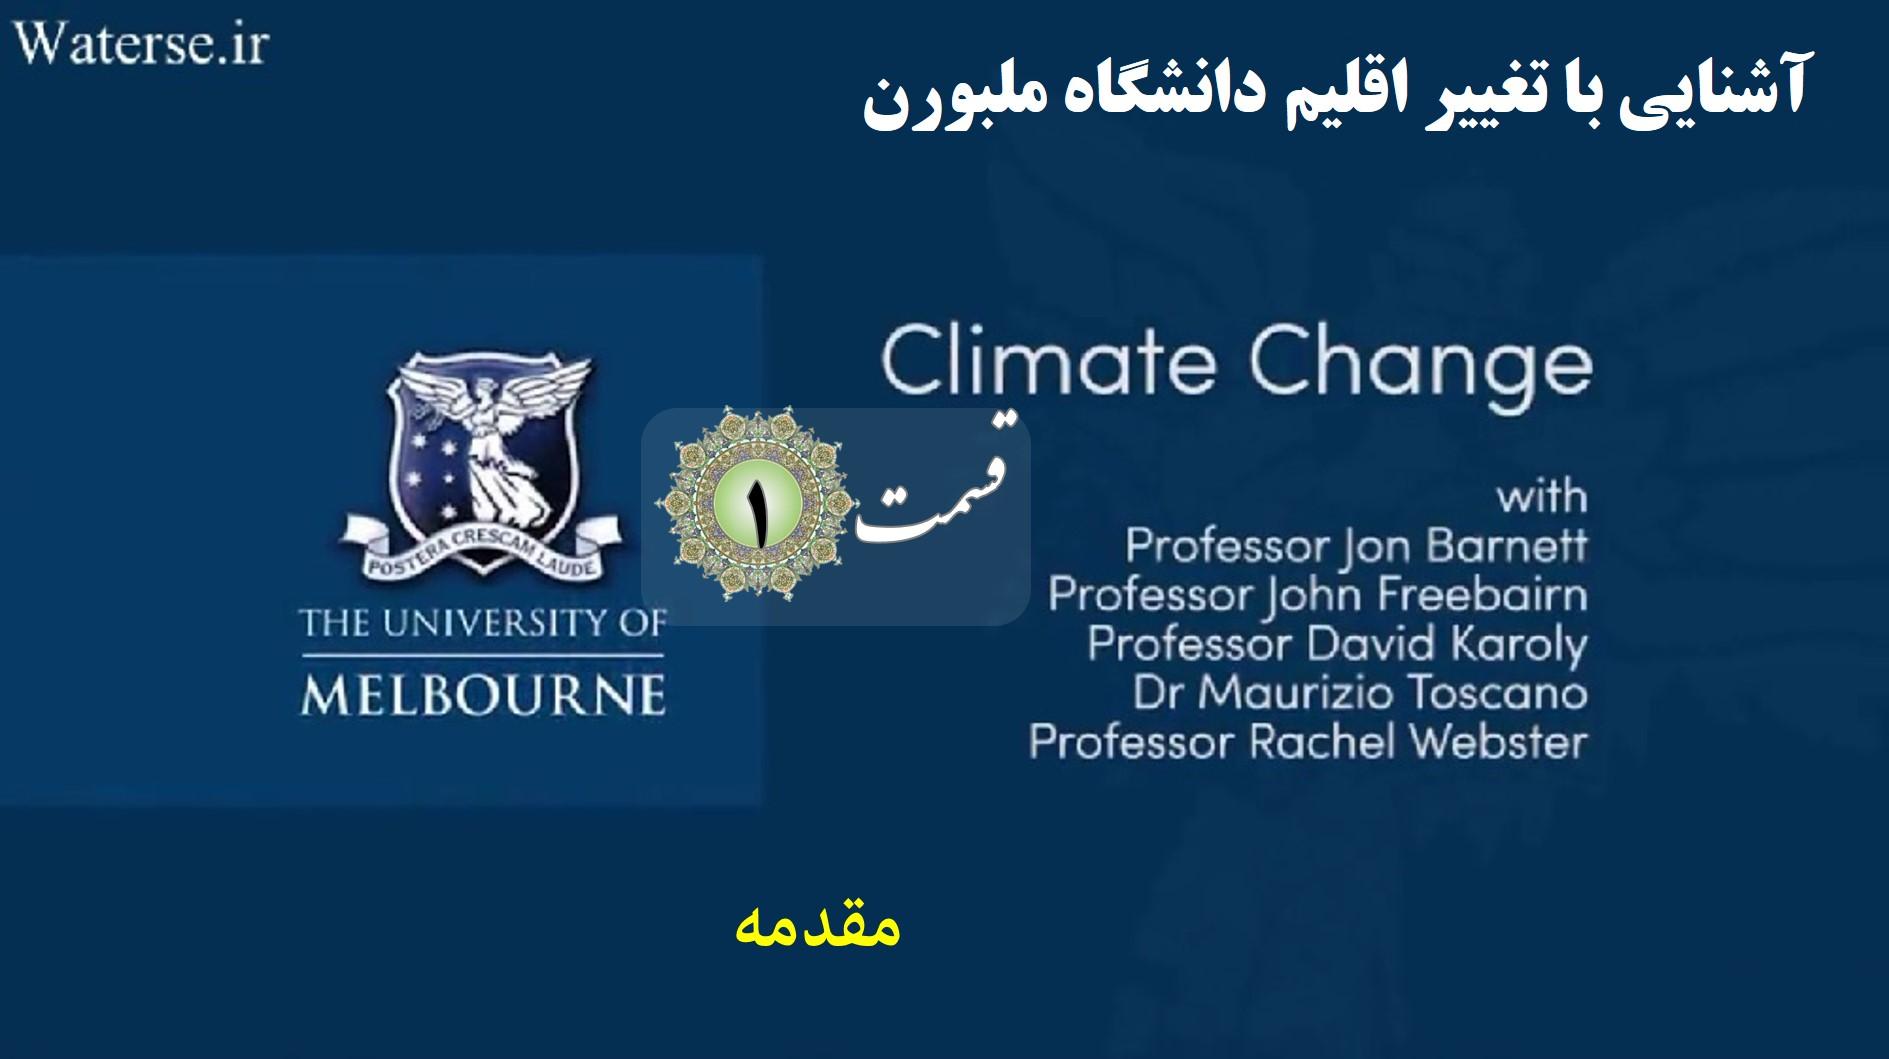 دوره درسی آشنایی با تغییر اقلیم دانشگاه ملبورن - قسمت اول مقدمه